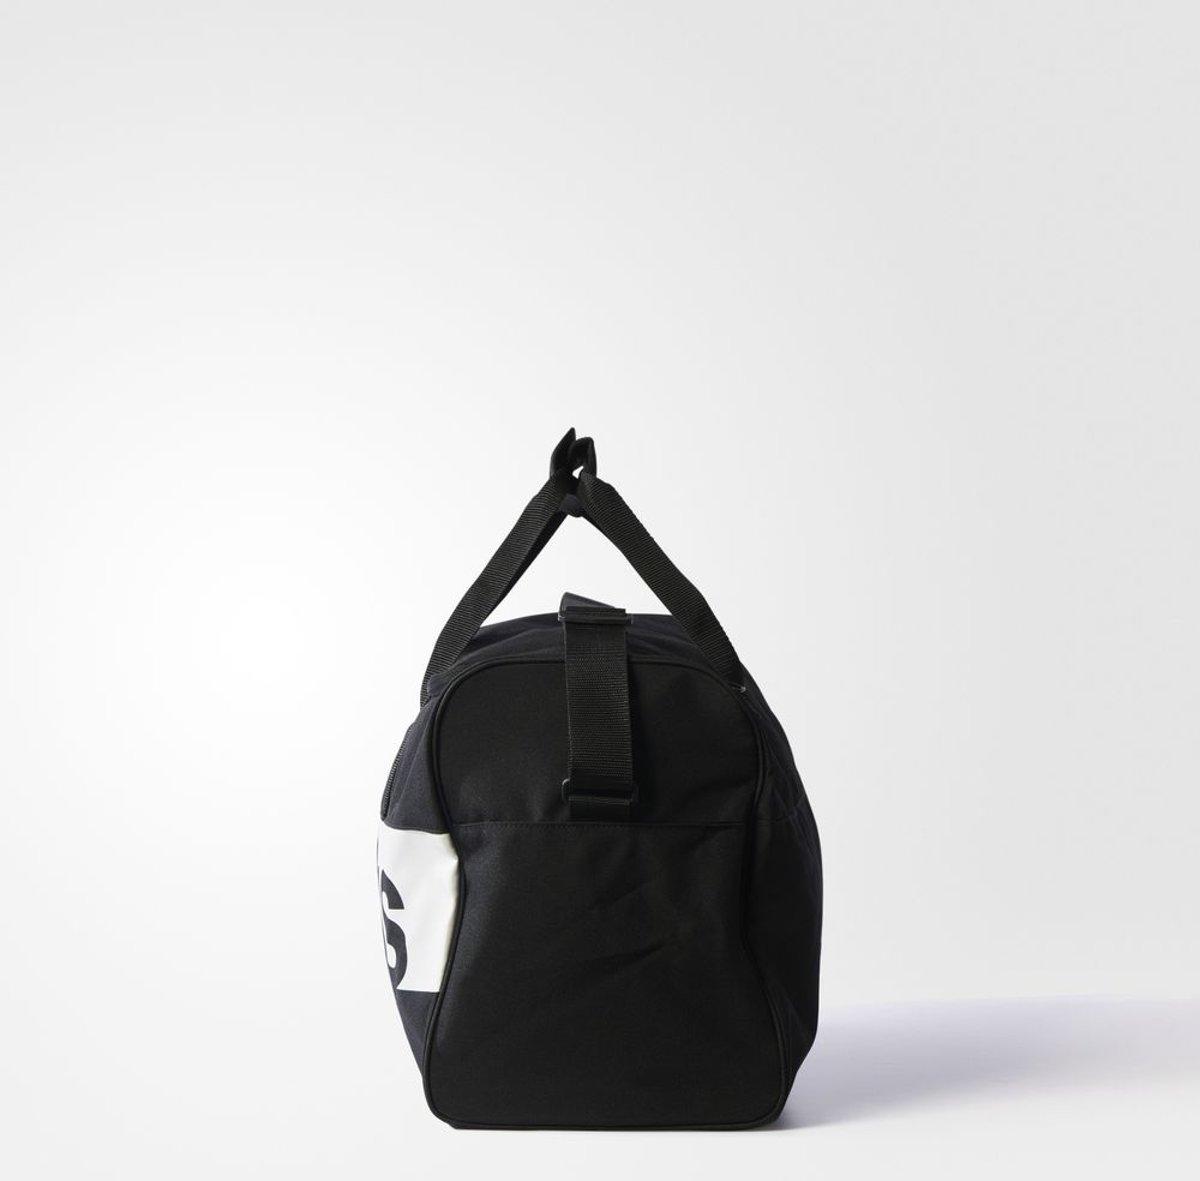 636a7495838 bol.com | adidas Linear Performance Teambag M Sporttas Unisex -  Black/White/White